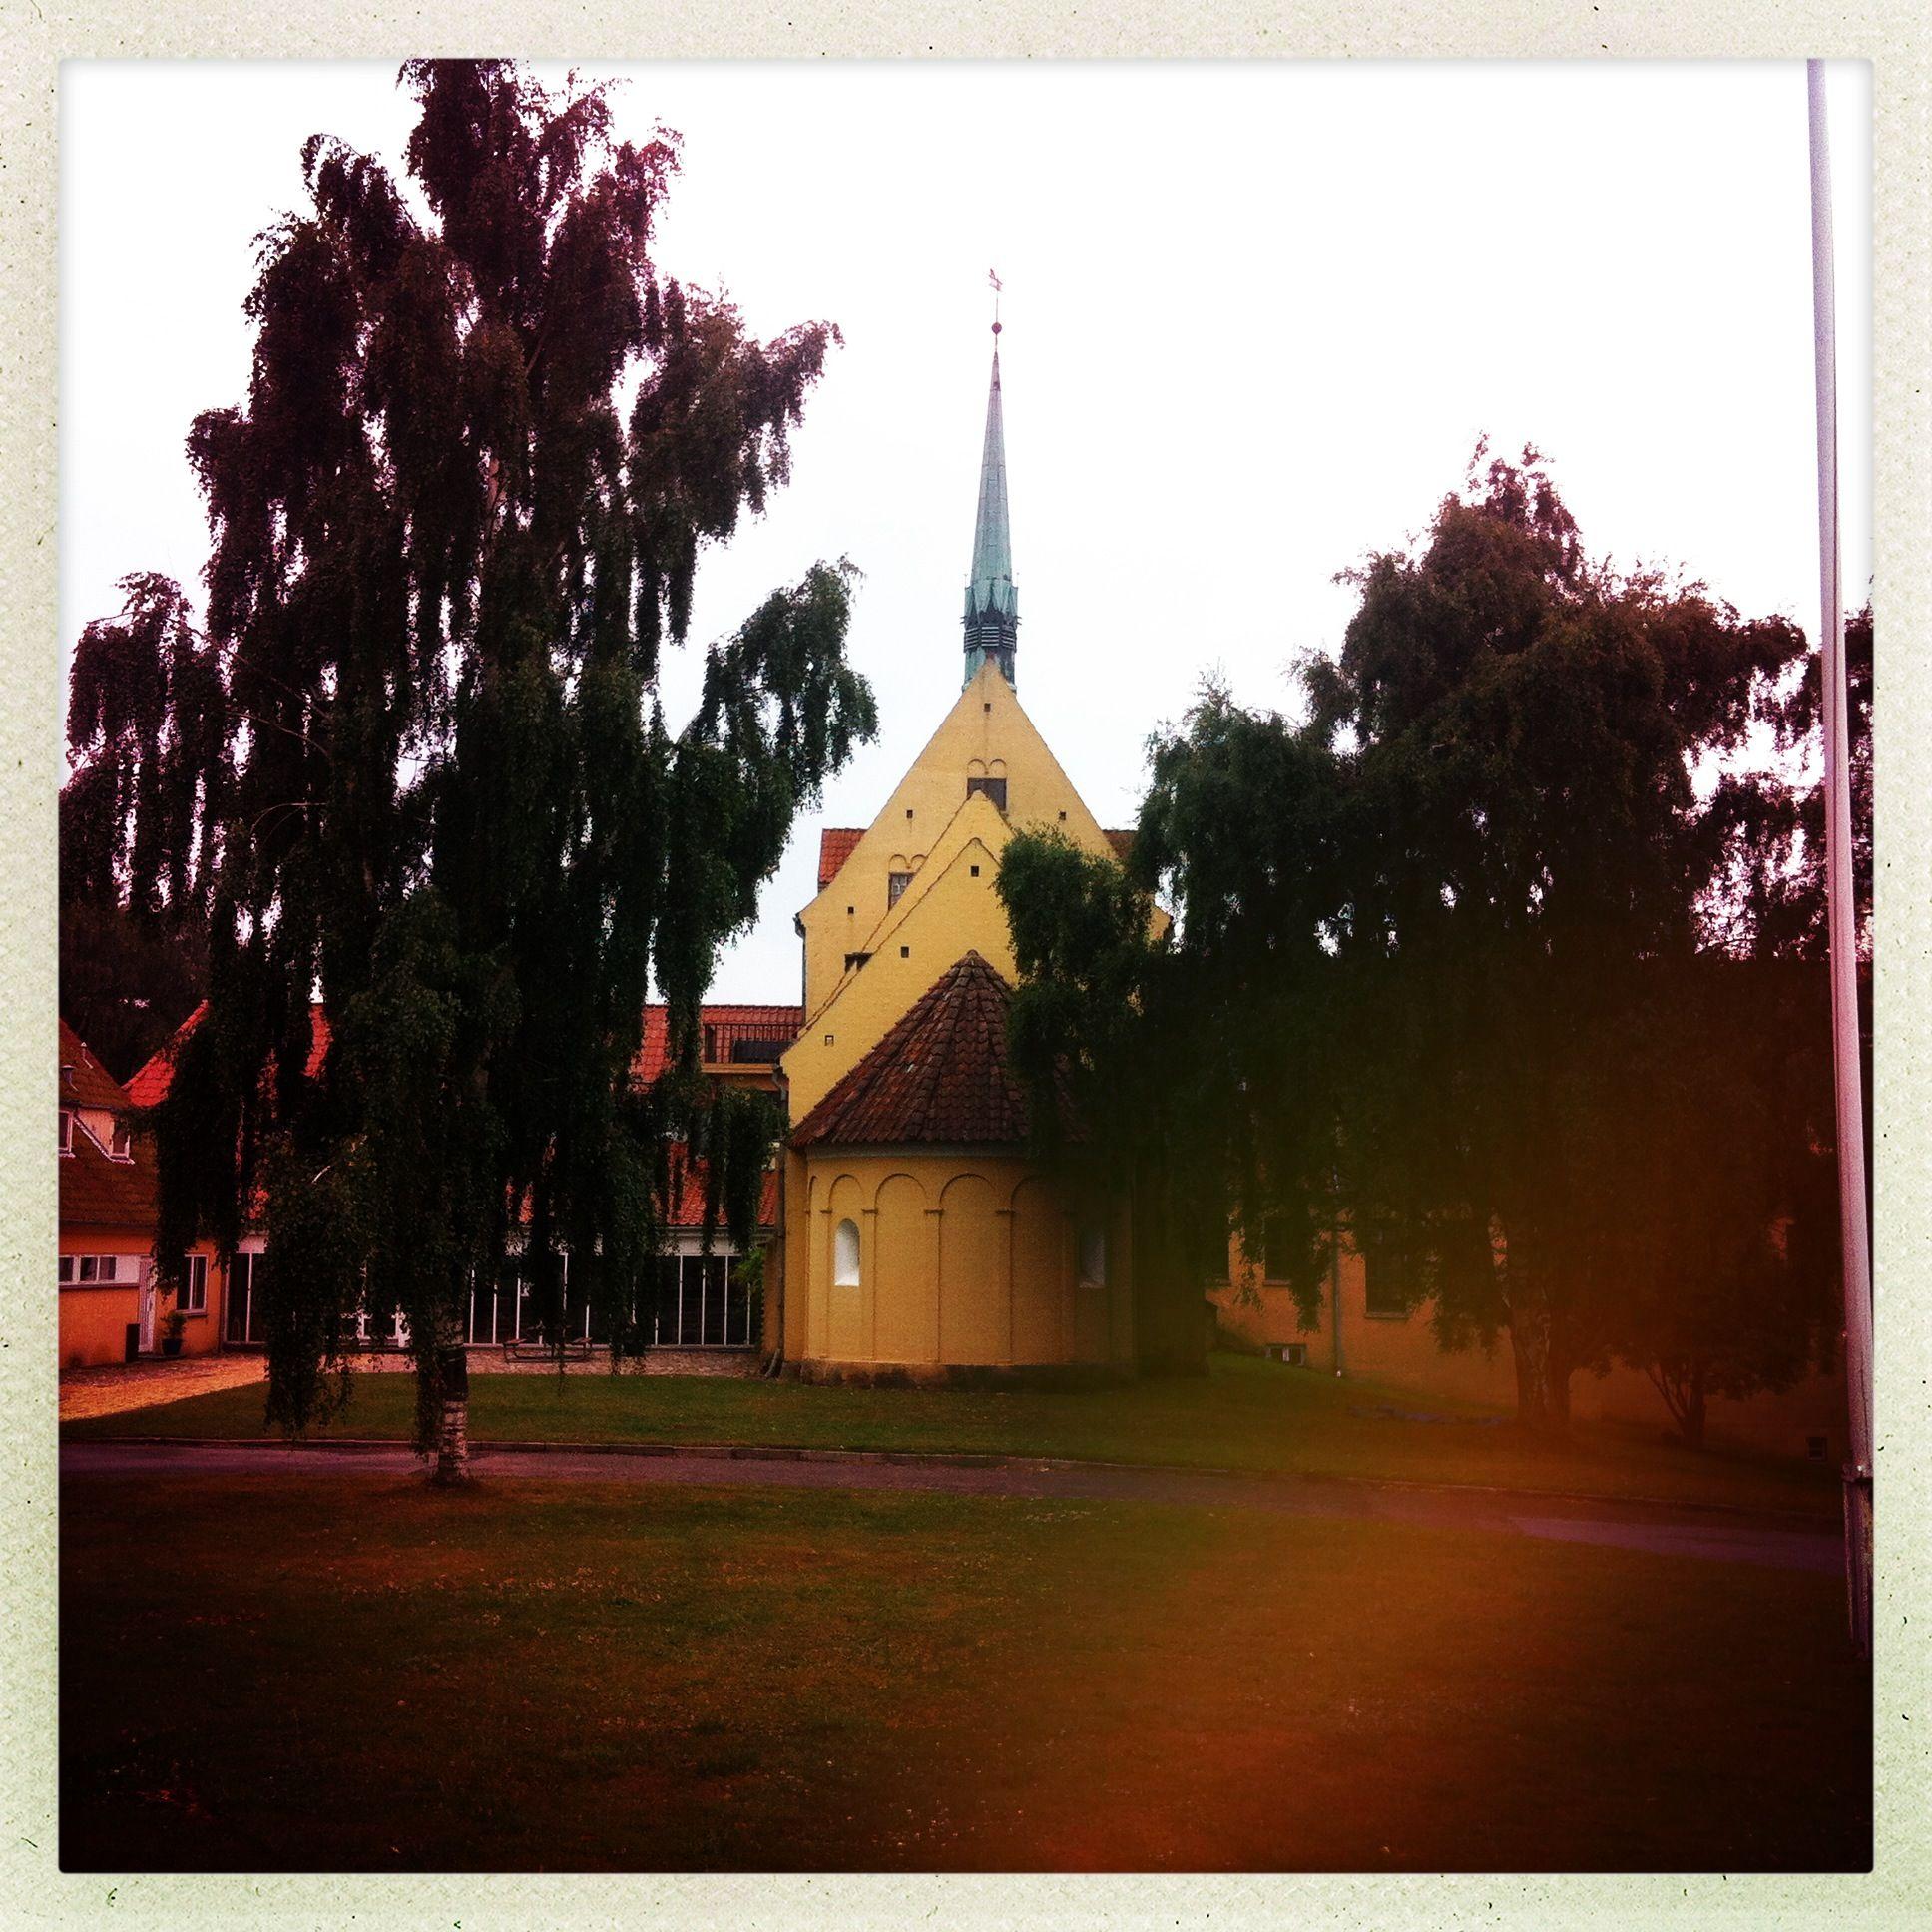 Her ses skolens indgangsparti med kirken i forgrunden bag de gamle birketræer.